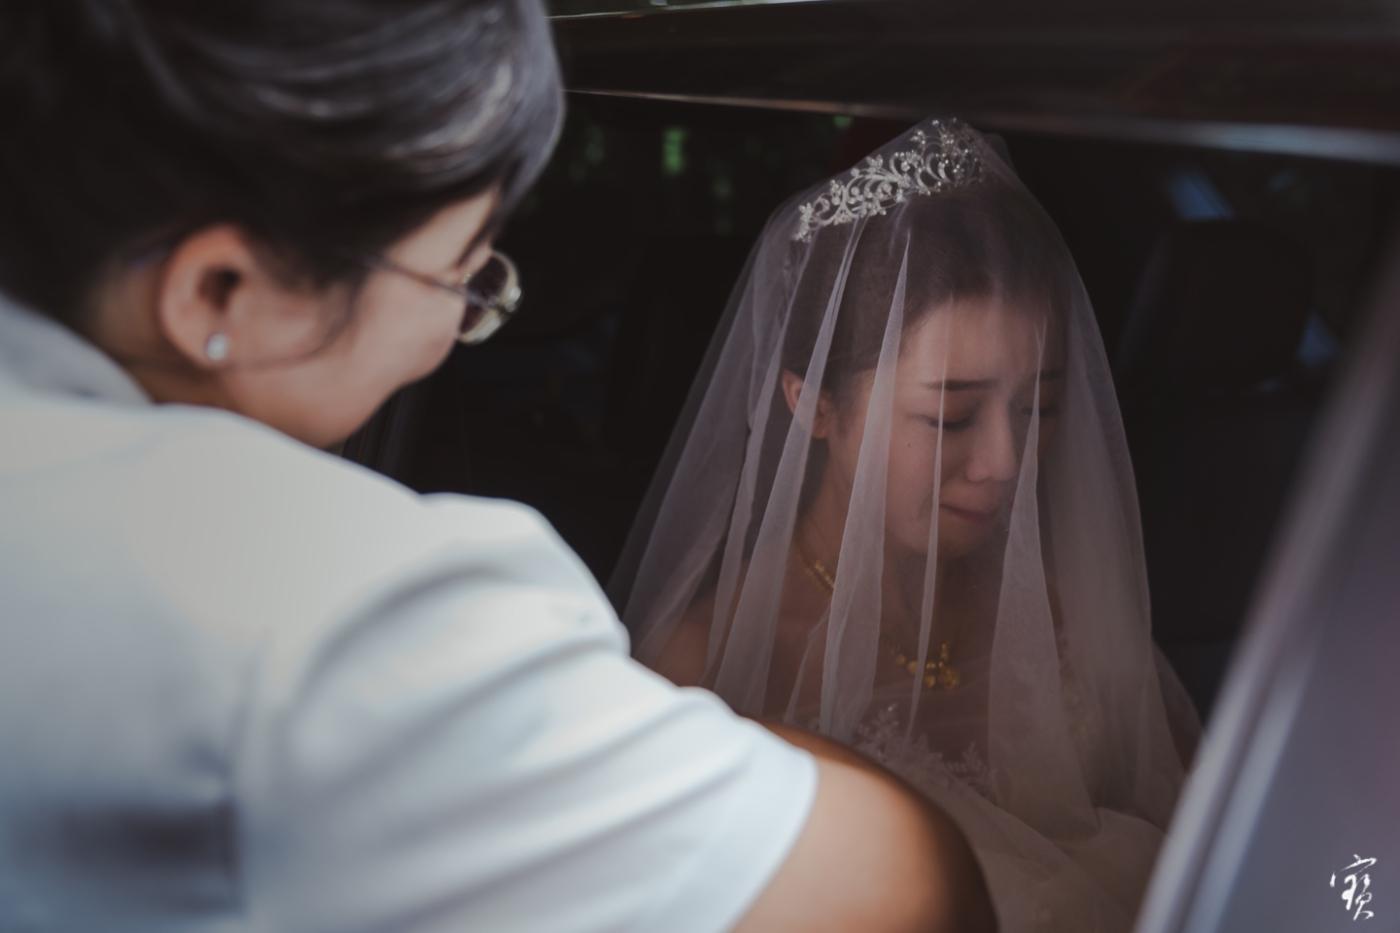 桃園婚禮 晶麒莊園 婚禮攝影 攝影師大寶 北部攝影 桃園攝影 新竹攝影 台北攝影 婚攝 早儀晚宴 1071014-51